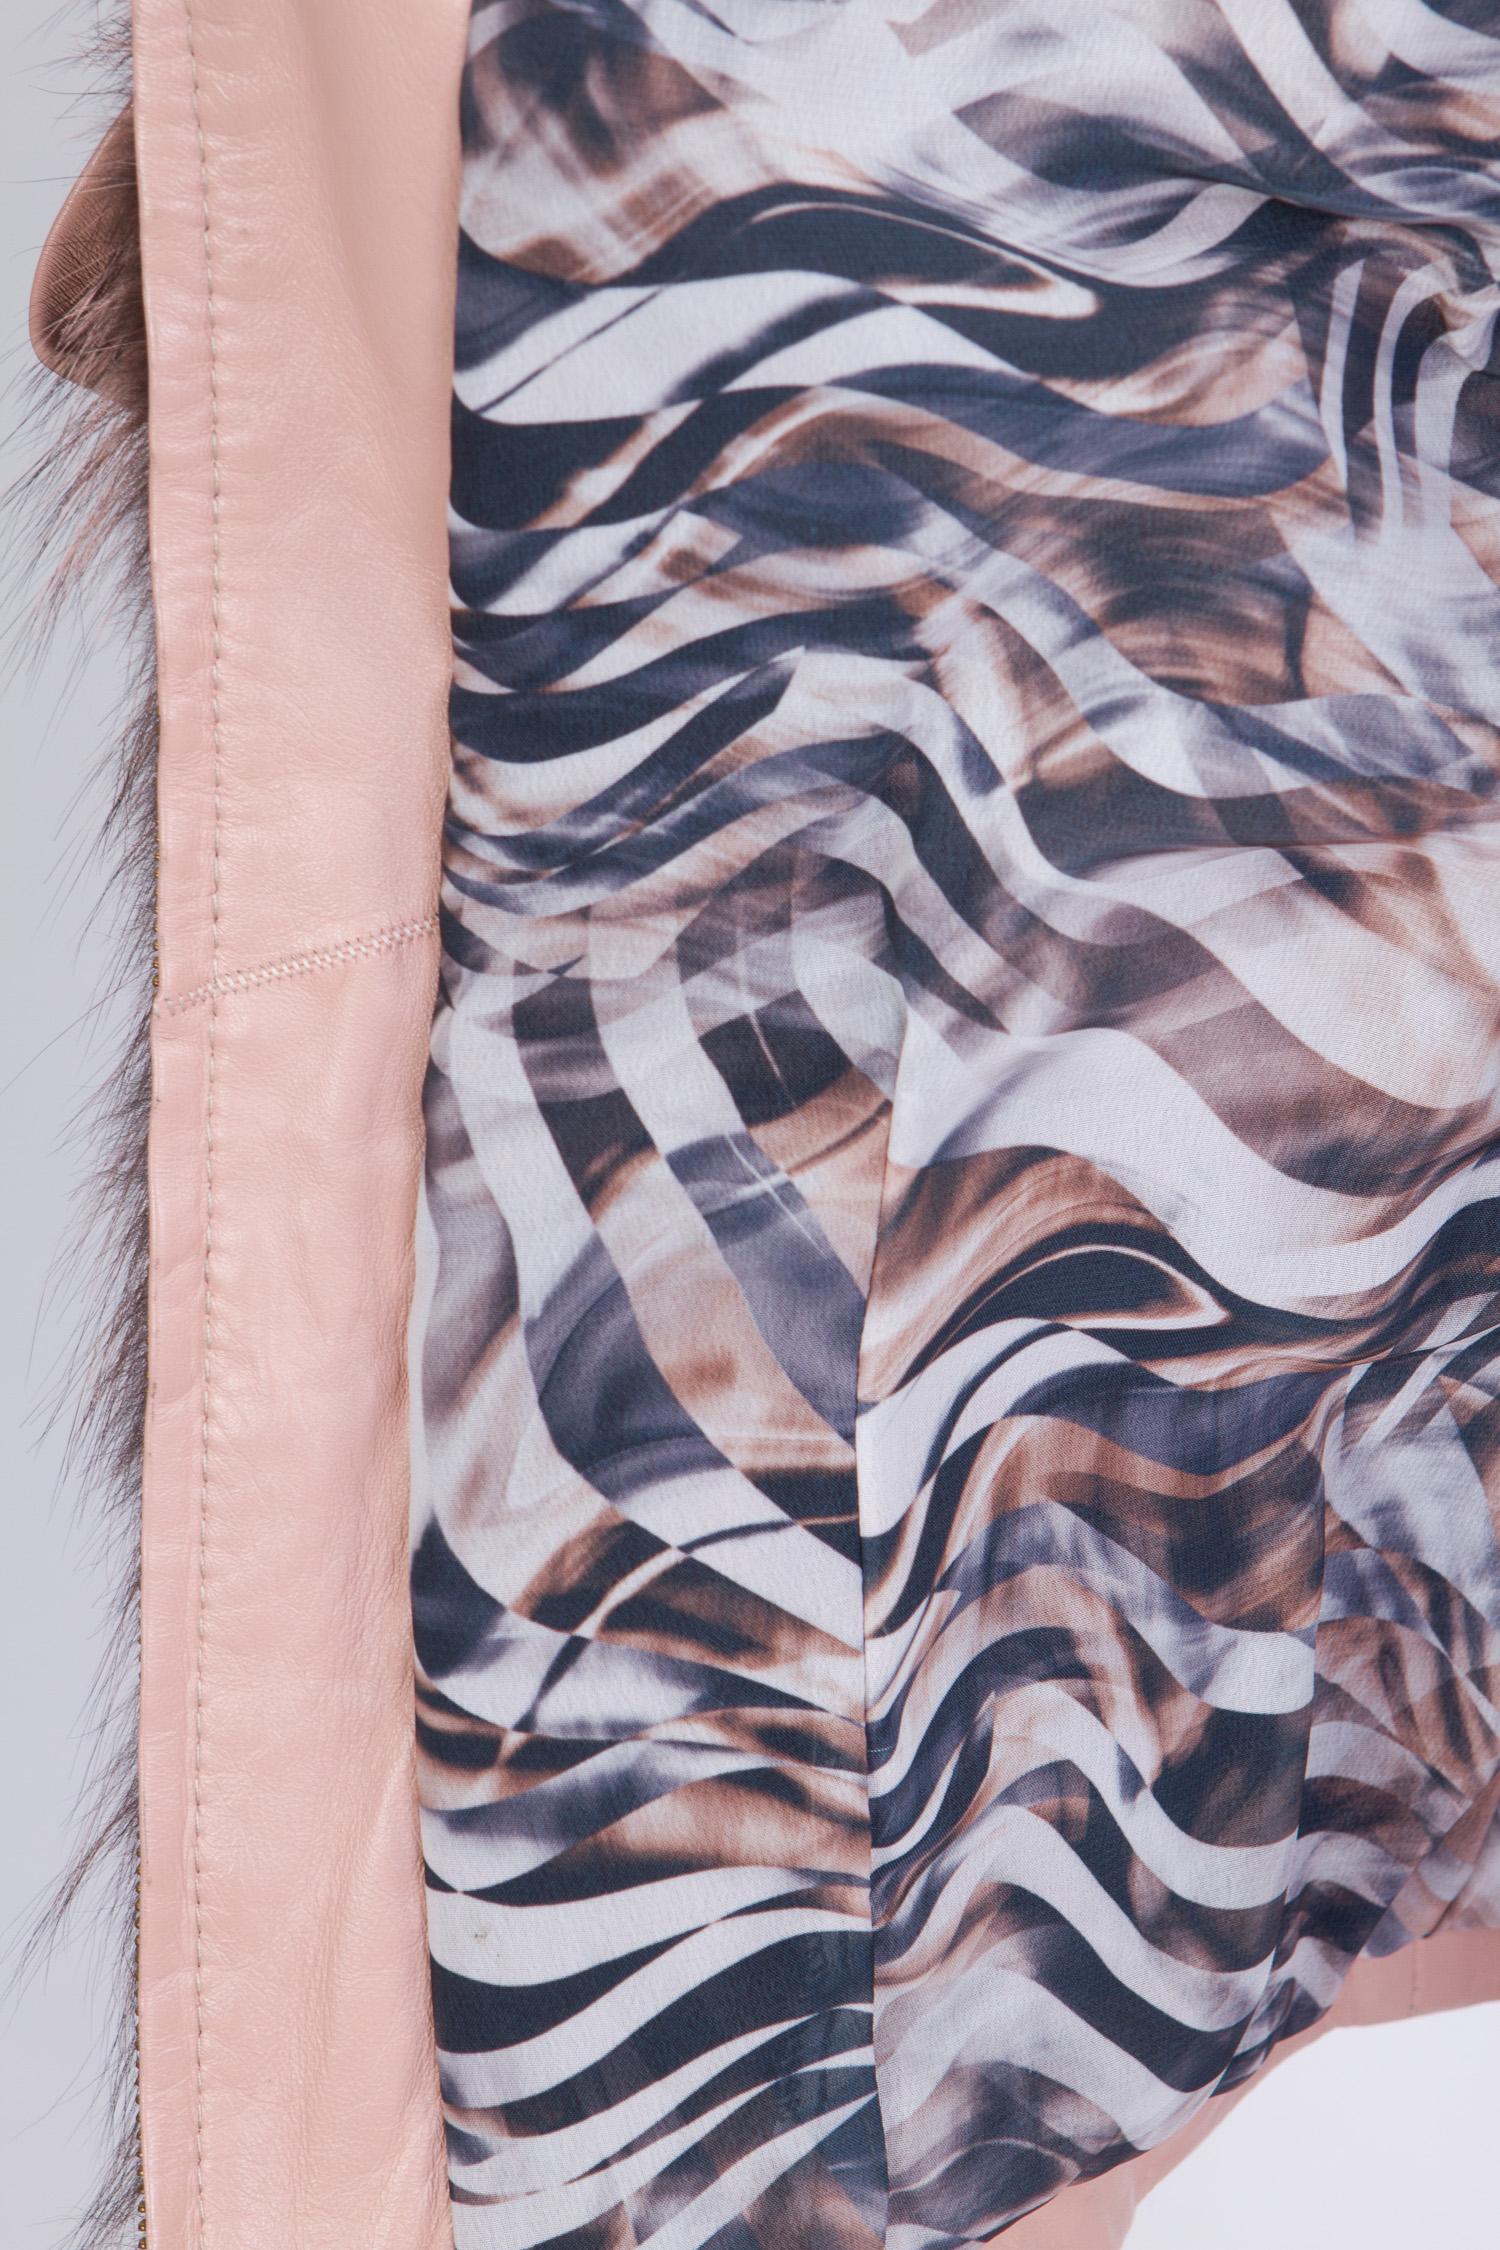 Женская кожаная куртка из натуральной кожи без воротника, отделка енот от Московская Меховая Компания